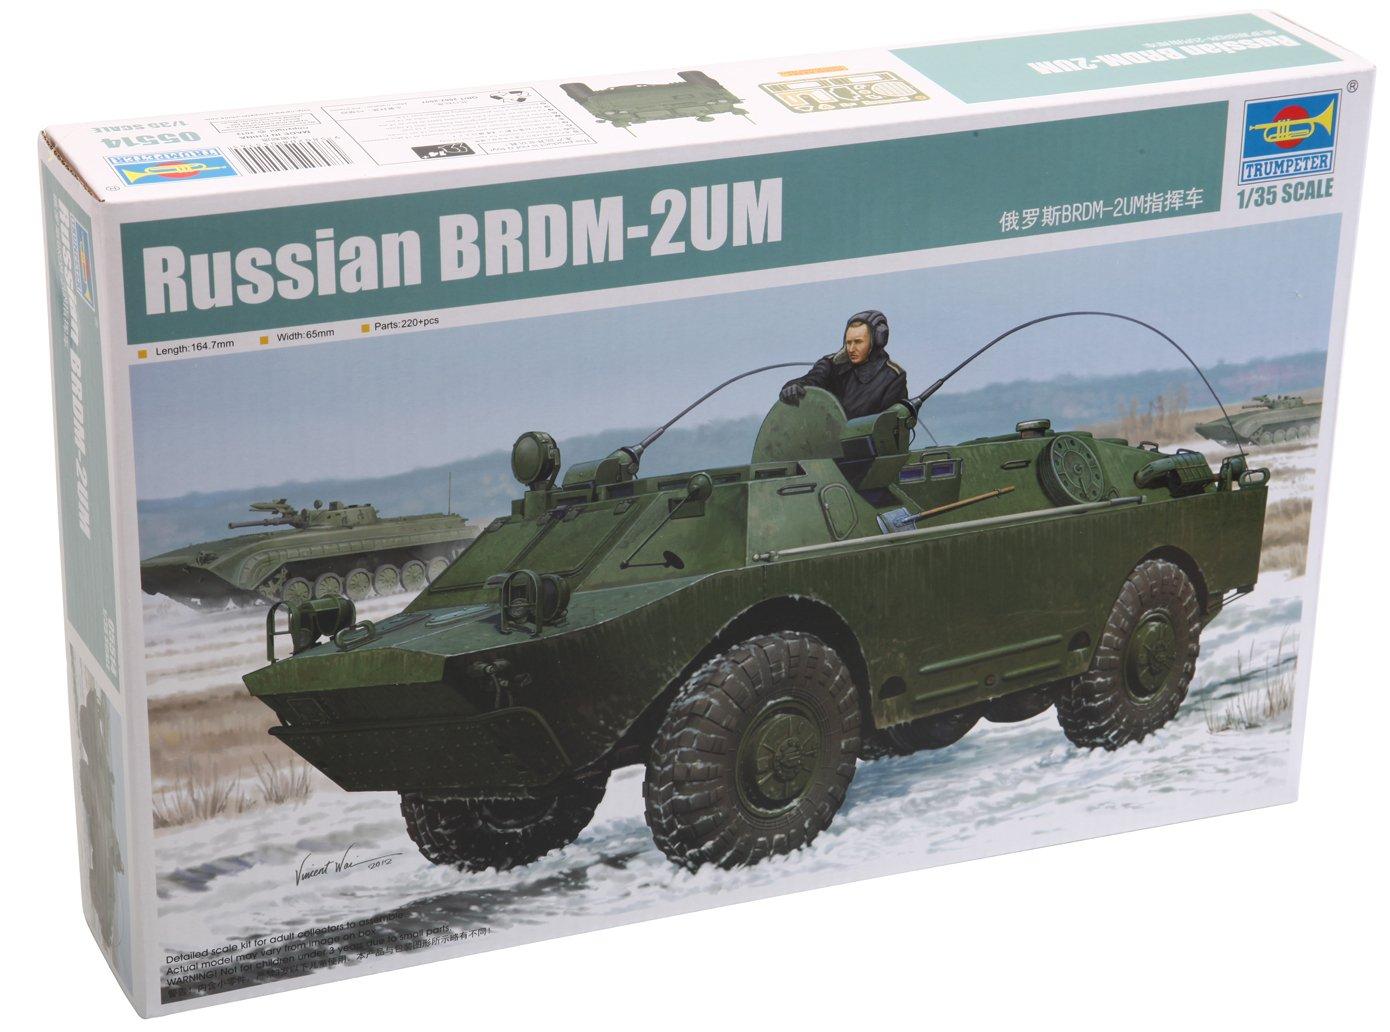 Trumpeter Russian BRDM2UM Amphibious Command Vehicle (1/35 Scale)